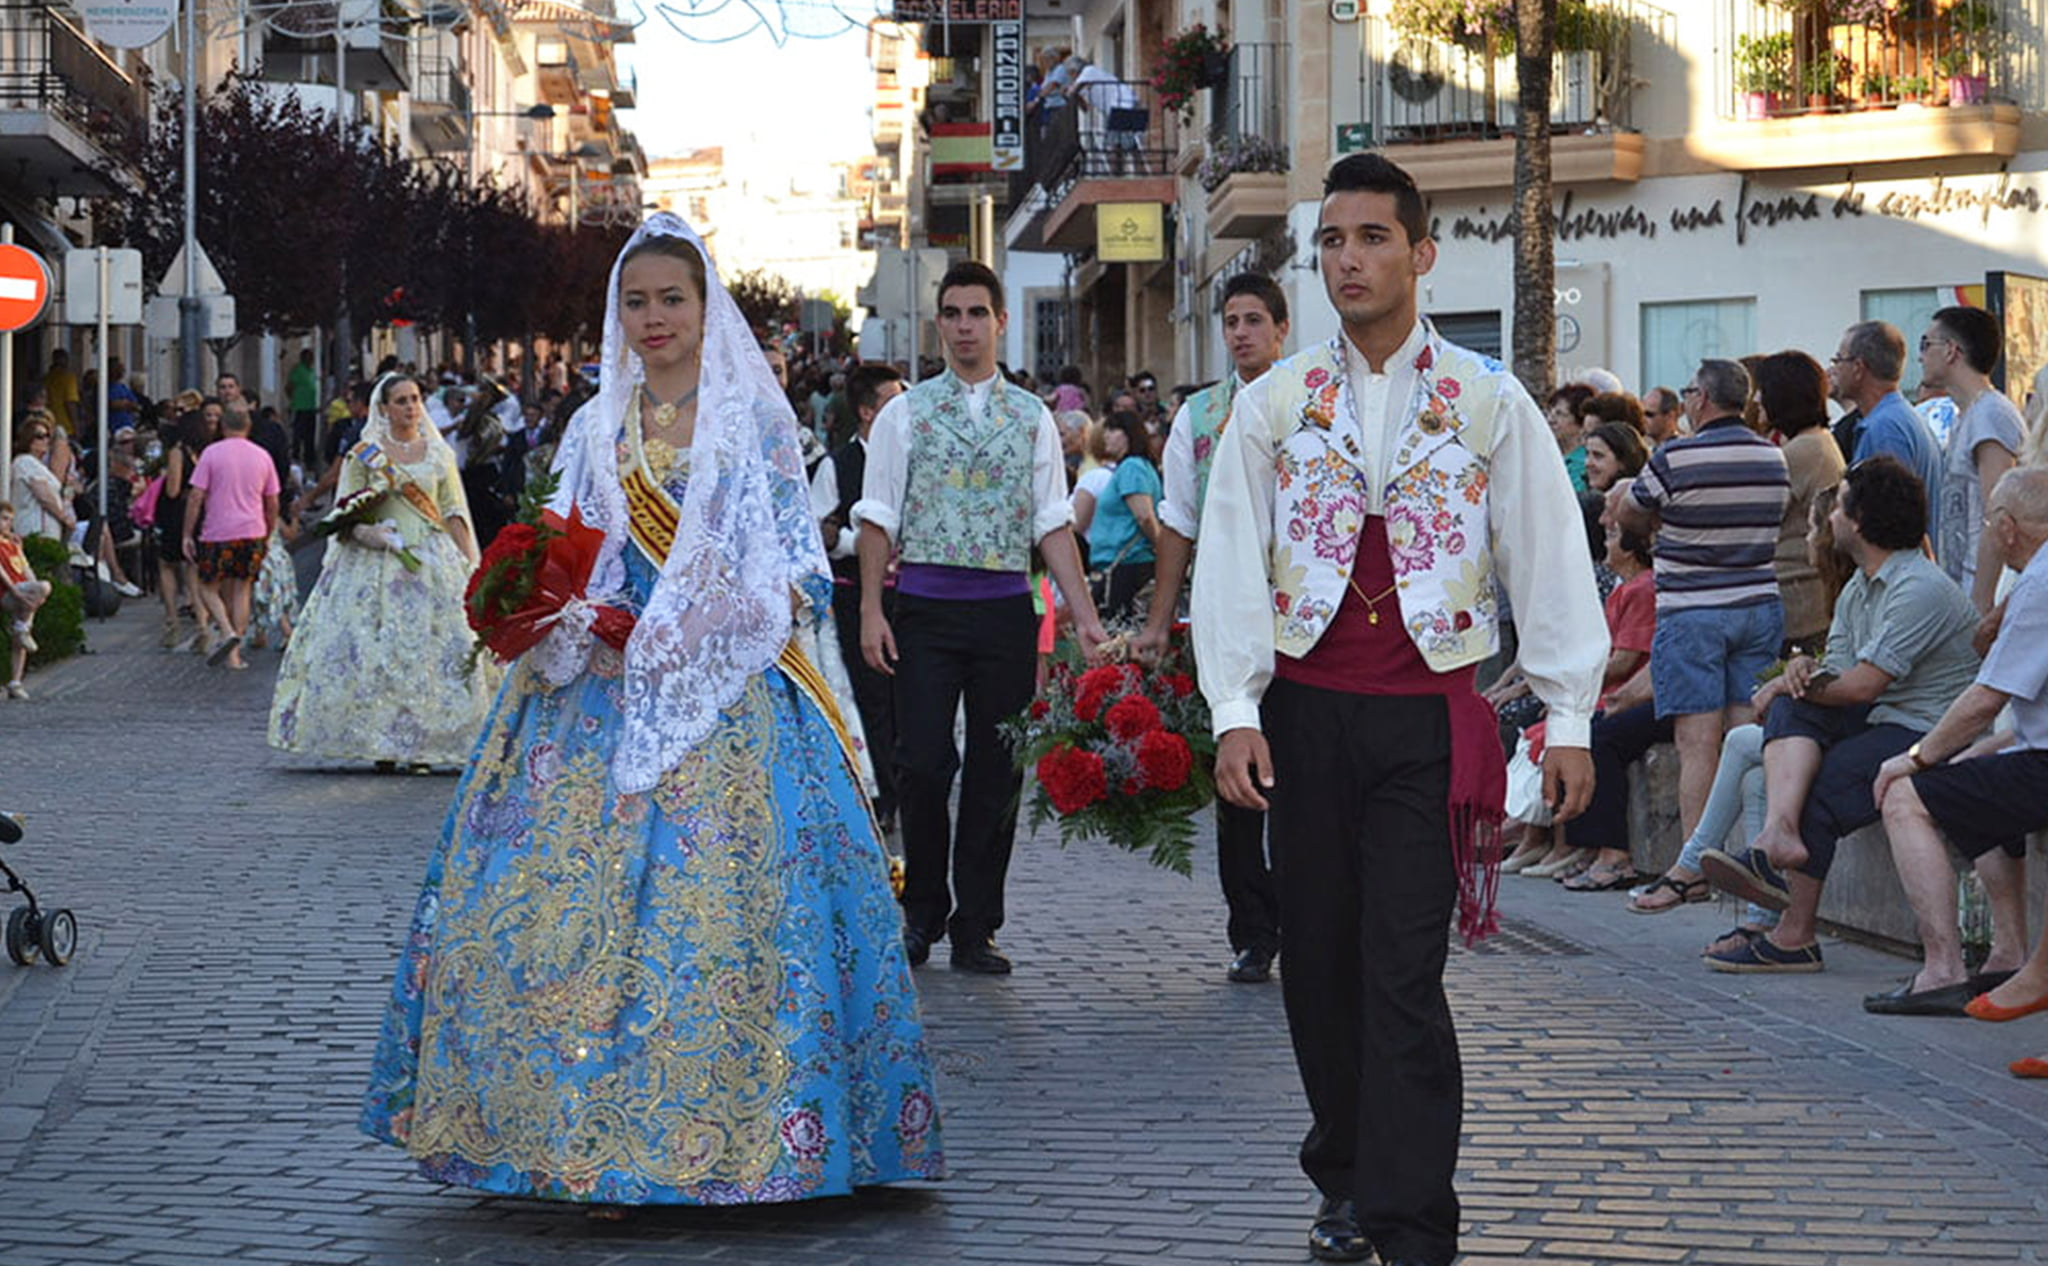 Ofrenda de flores en las fiestas de San Juan de Jávea en 2013